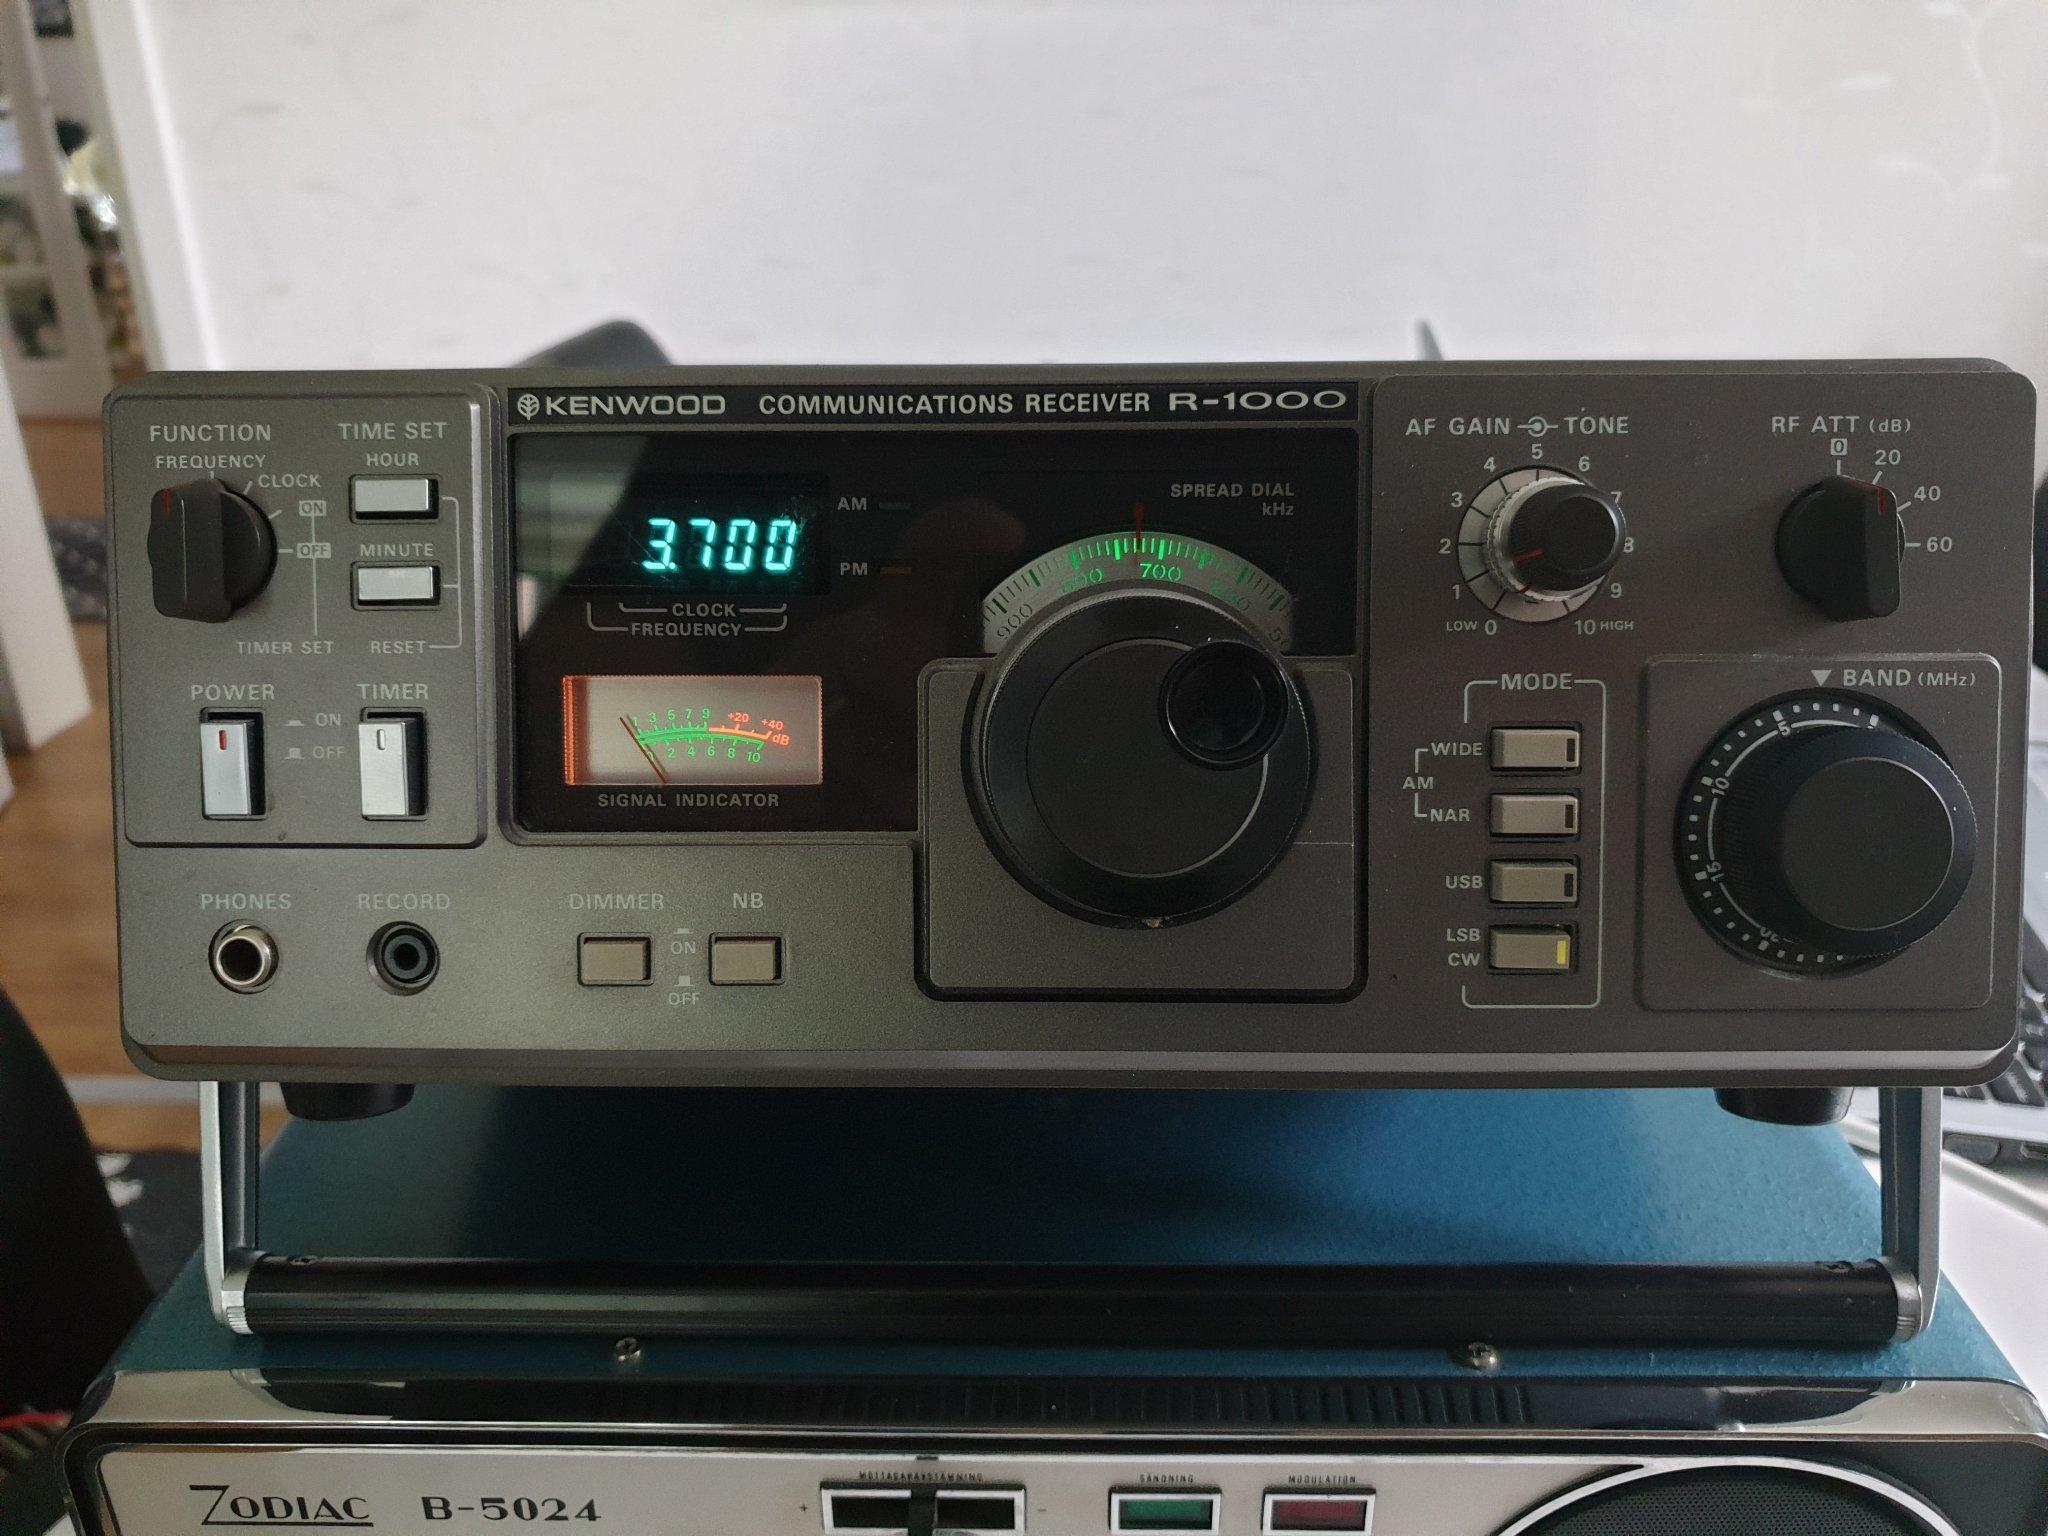 Kortvågsmottagare Kenwood R-1000 (360773828) ᐈ Köp på Tradera